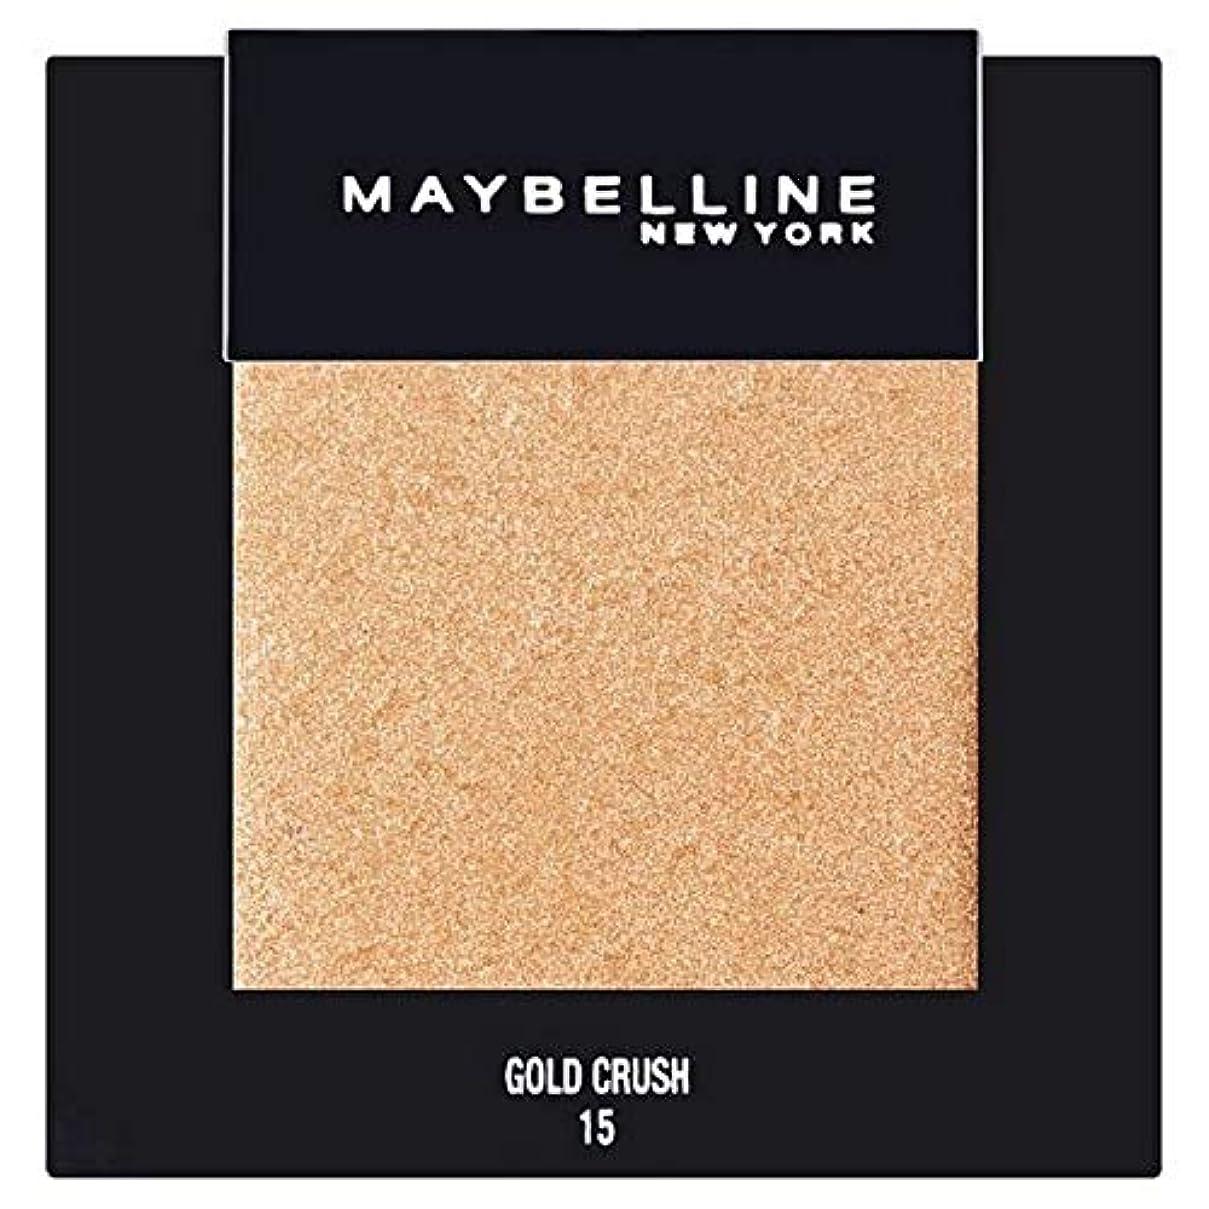 フェッチ前売神社[Maybelline ] メイベリンカラーショーシングルアイシャドウ15金クラッシュ - Maybelline Color Show Single Eyeshadow 15 Gold Crush [並行輸入品]